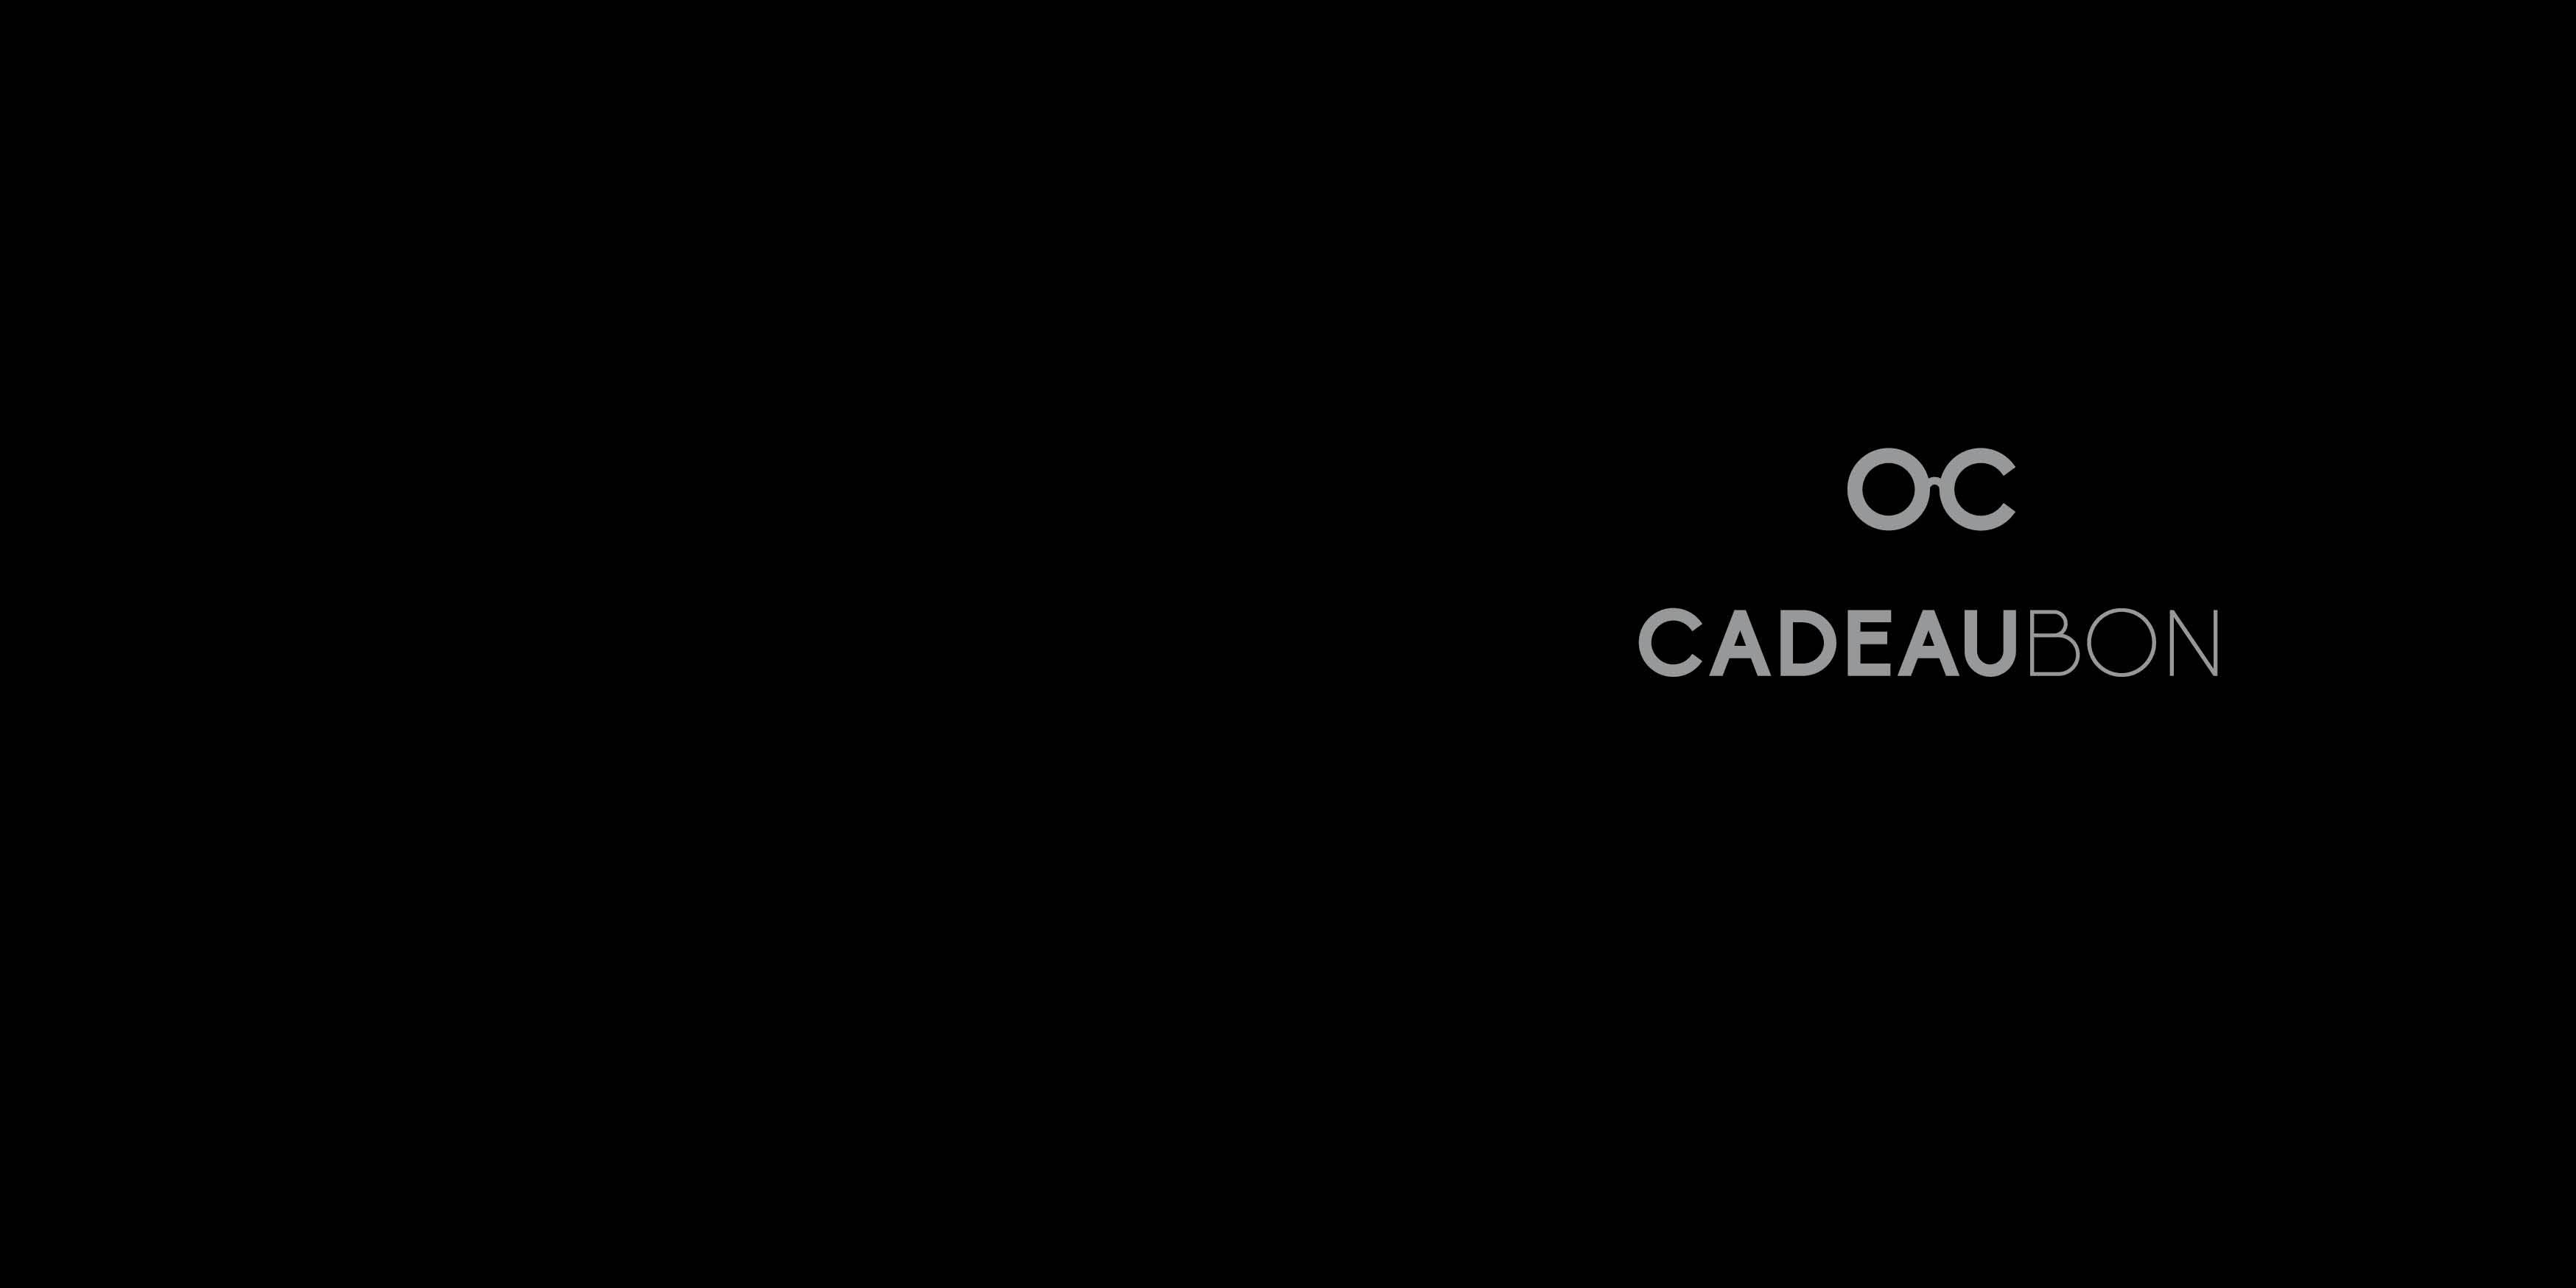 OCCADEAUBON